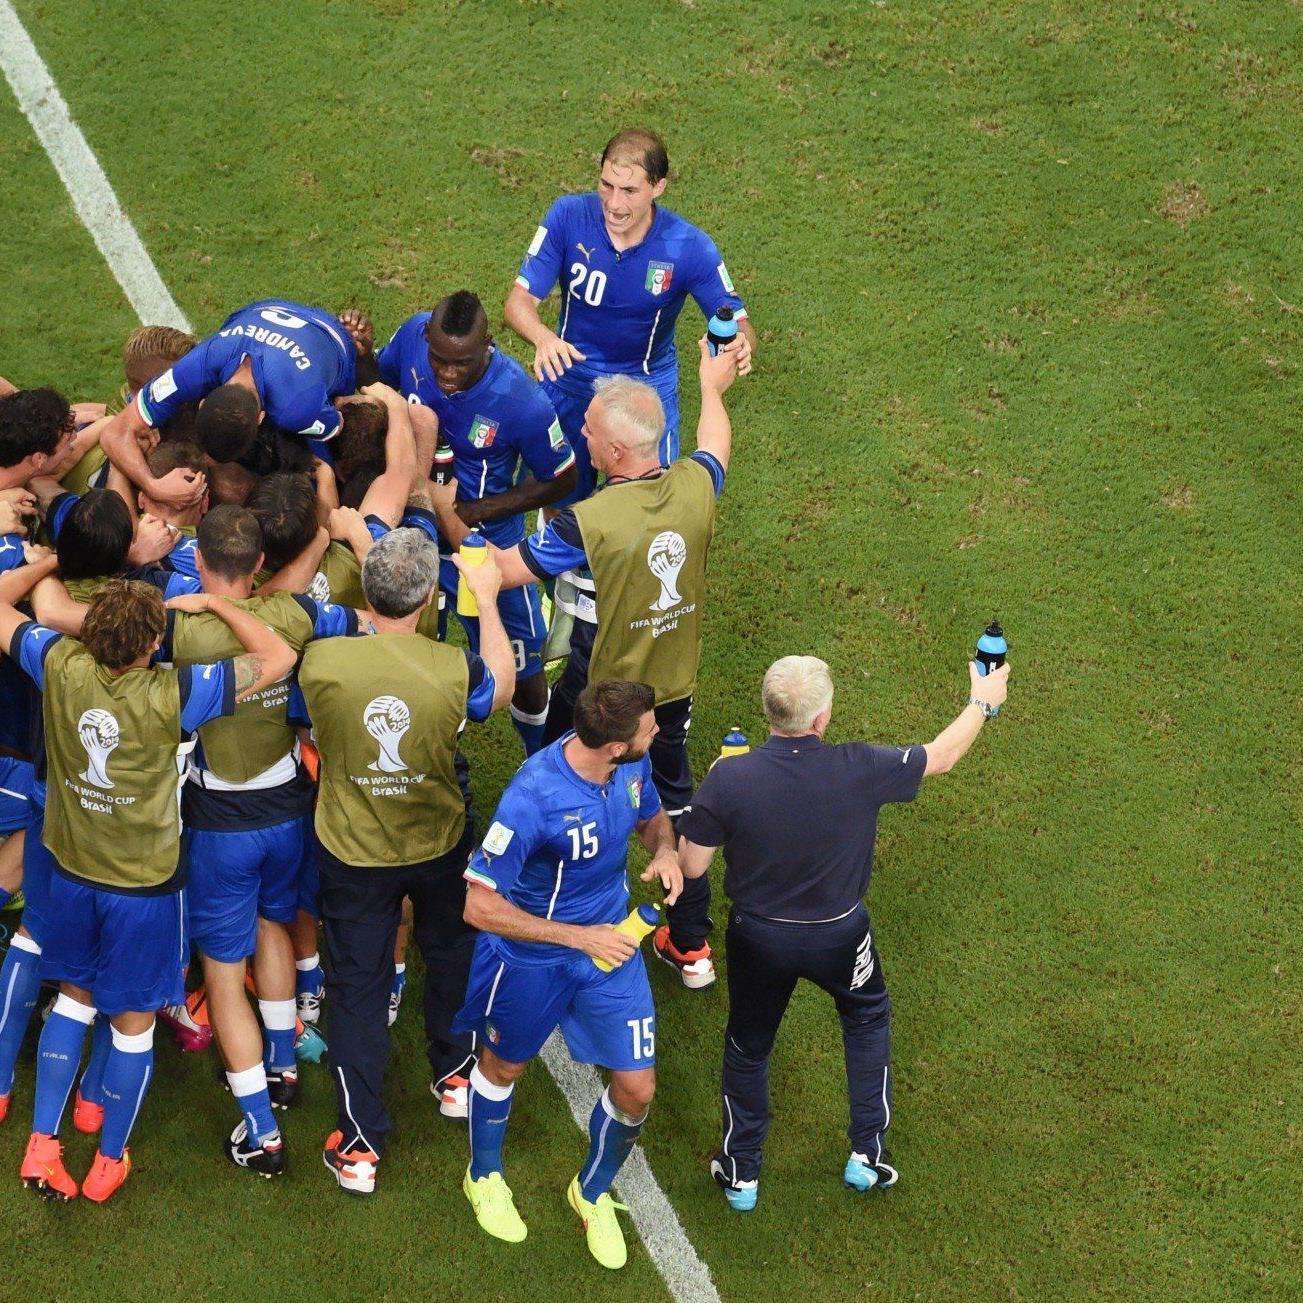 Italien setzt sich im Topspiel des 3. Tages in der Gruppe D gegen England mit 2:1 durch.